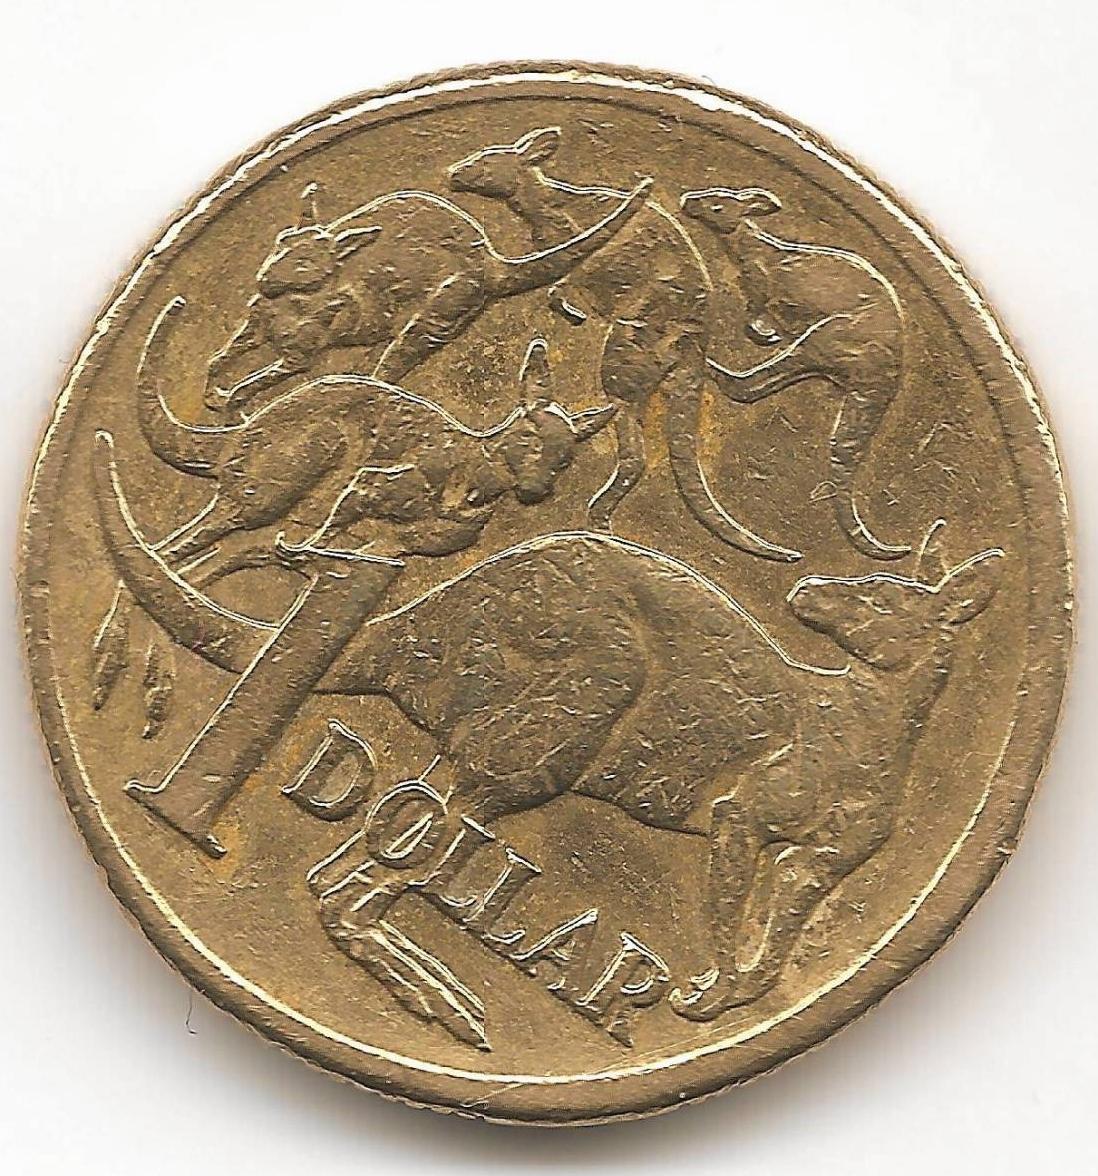 1 Dollar 2004 Elizabeth Ii 1952